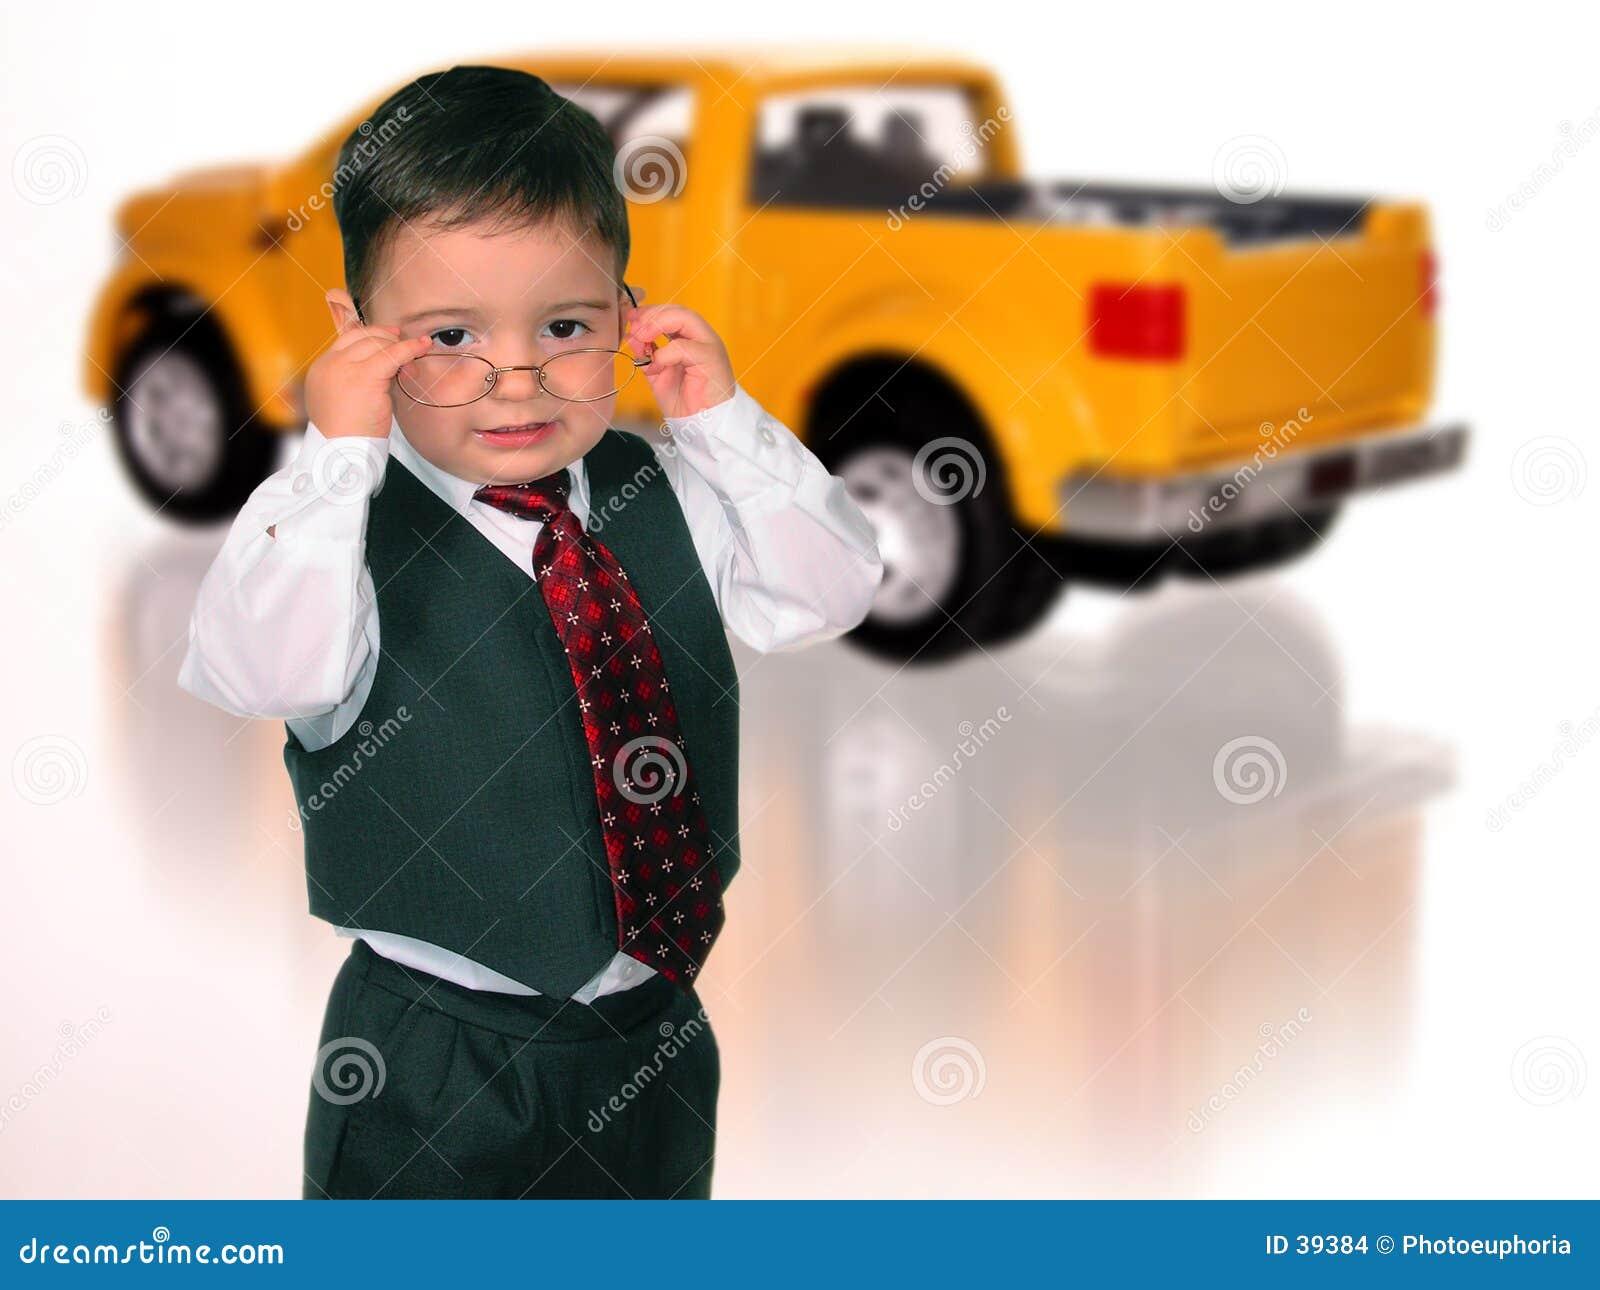 Cudowny chłopiec garnitur sprzedawcy samochodu